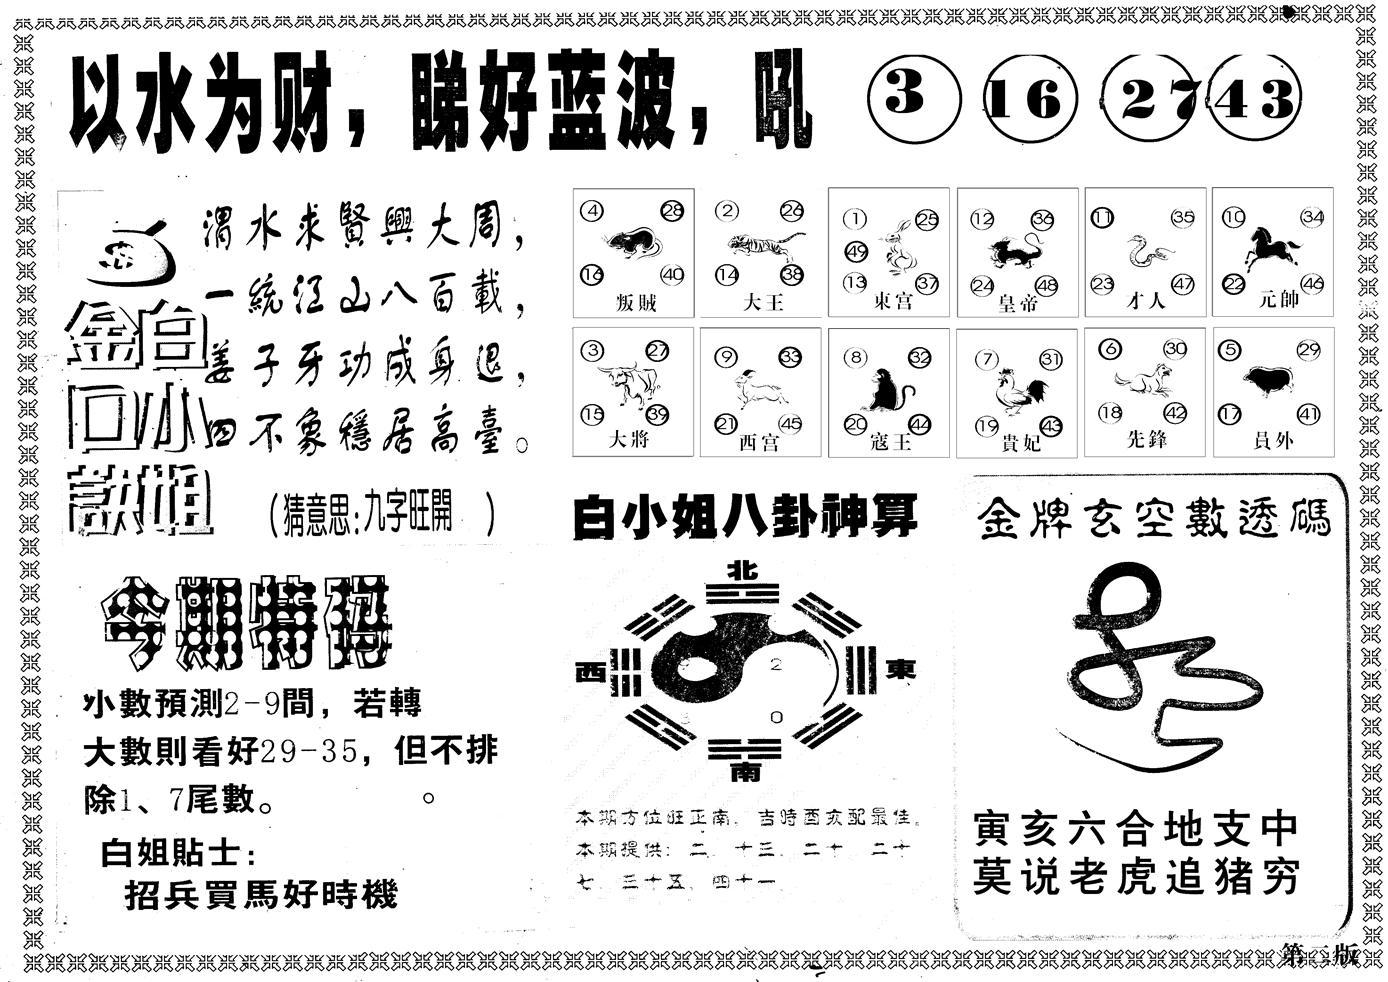 068期另版白姐内幕B(黑白)